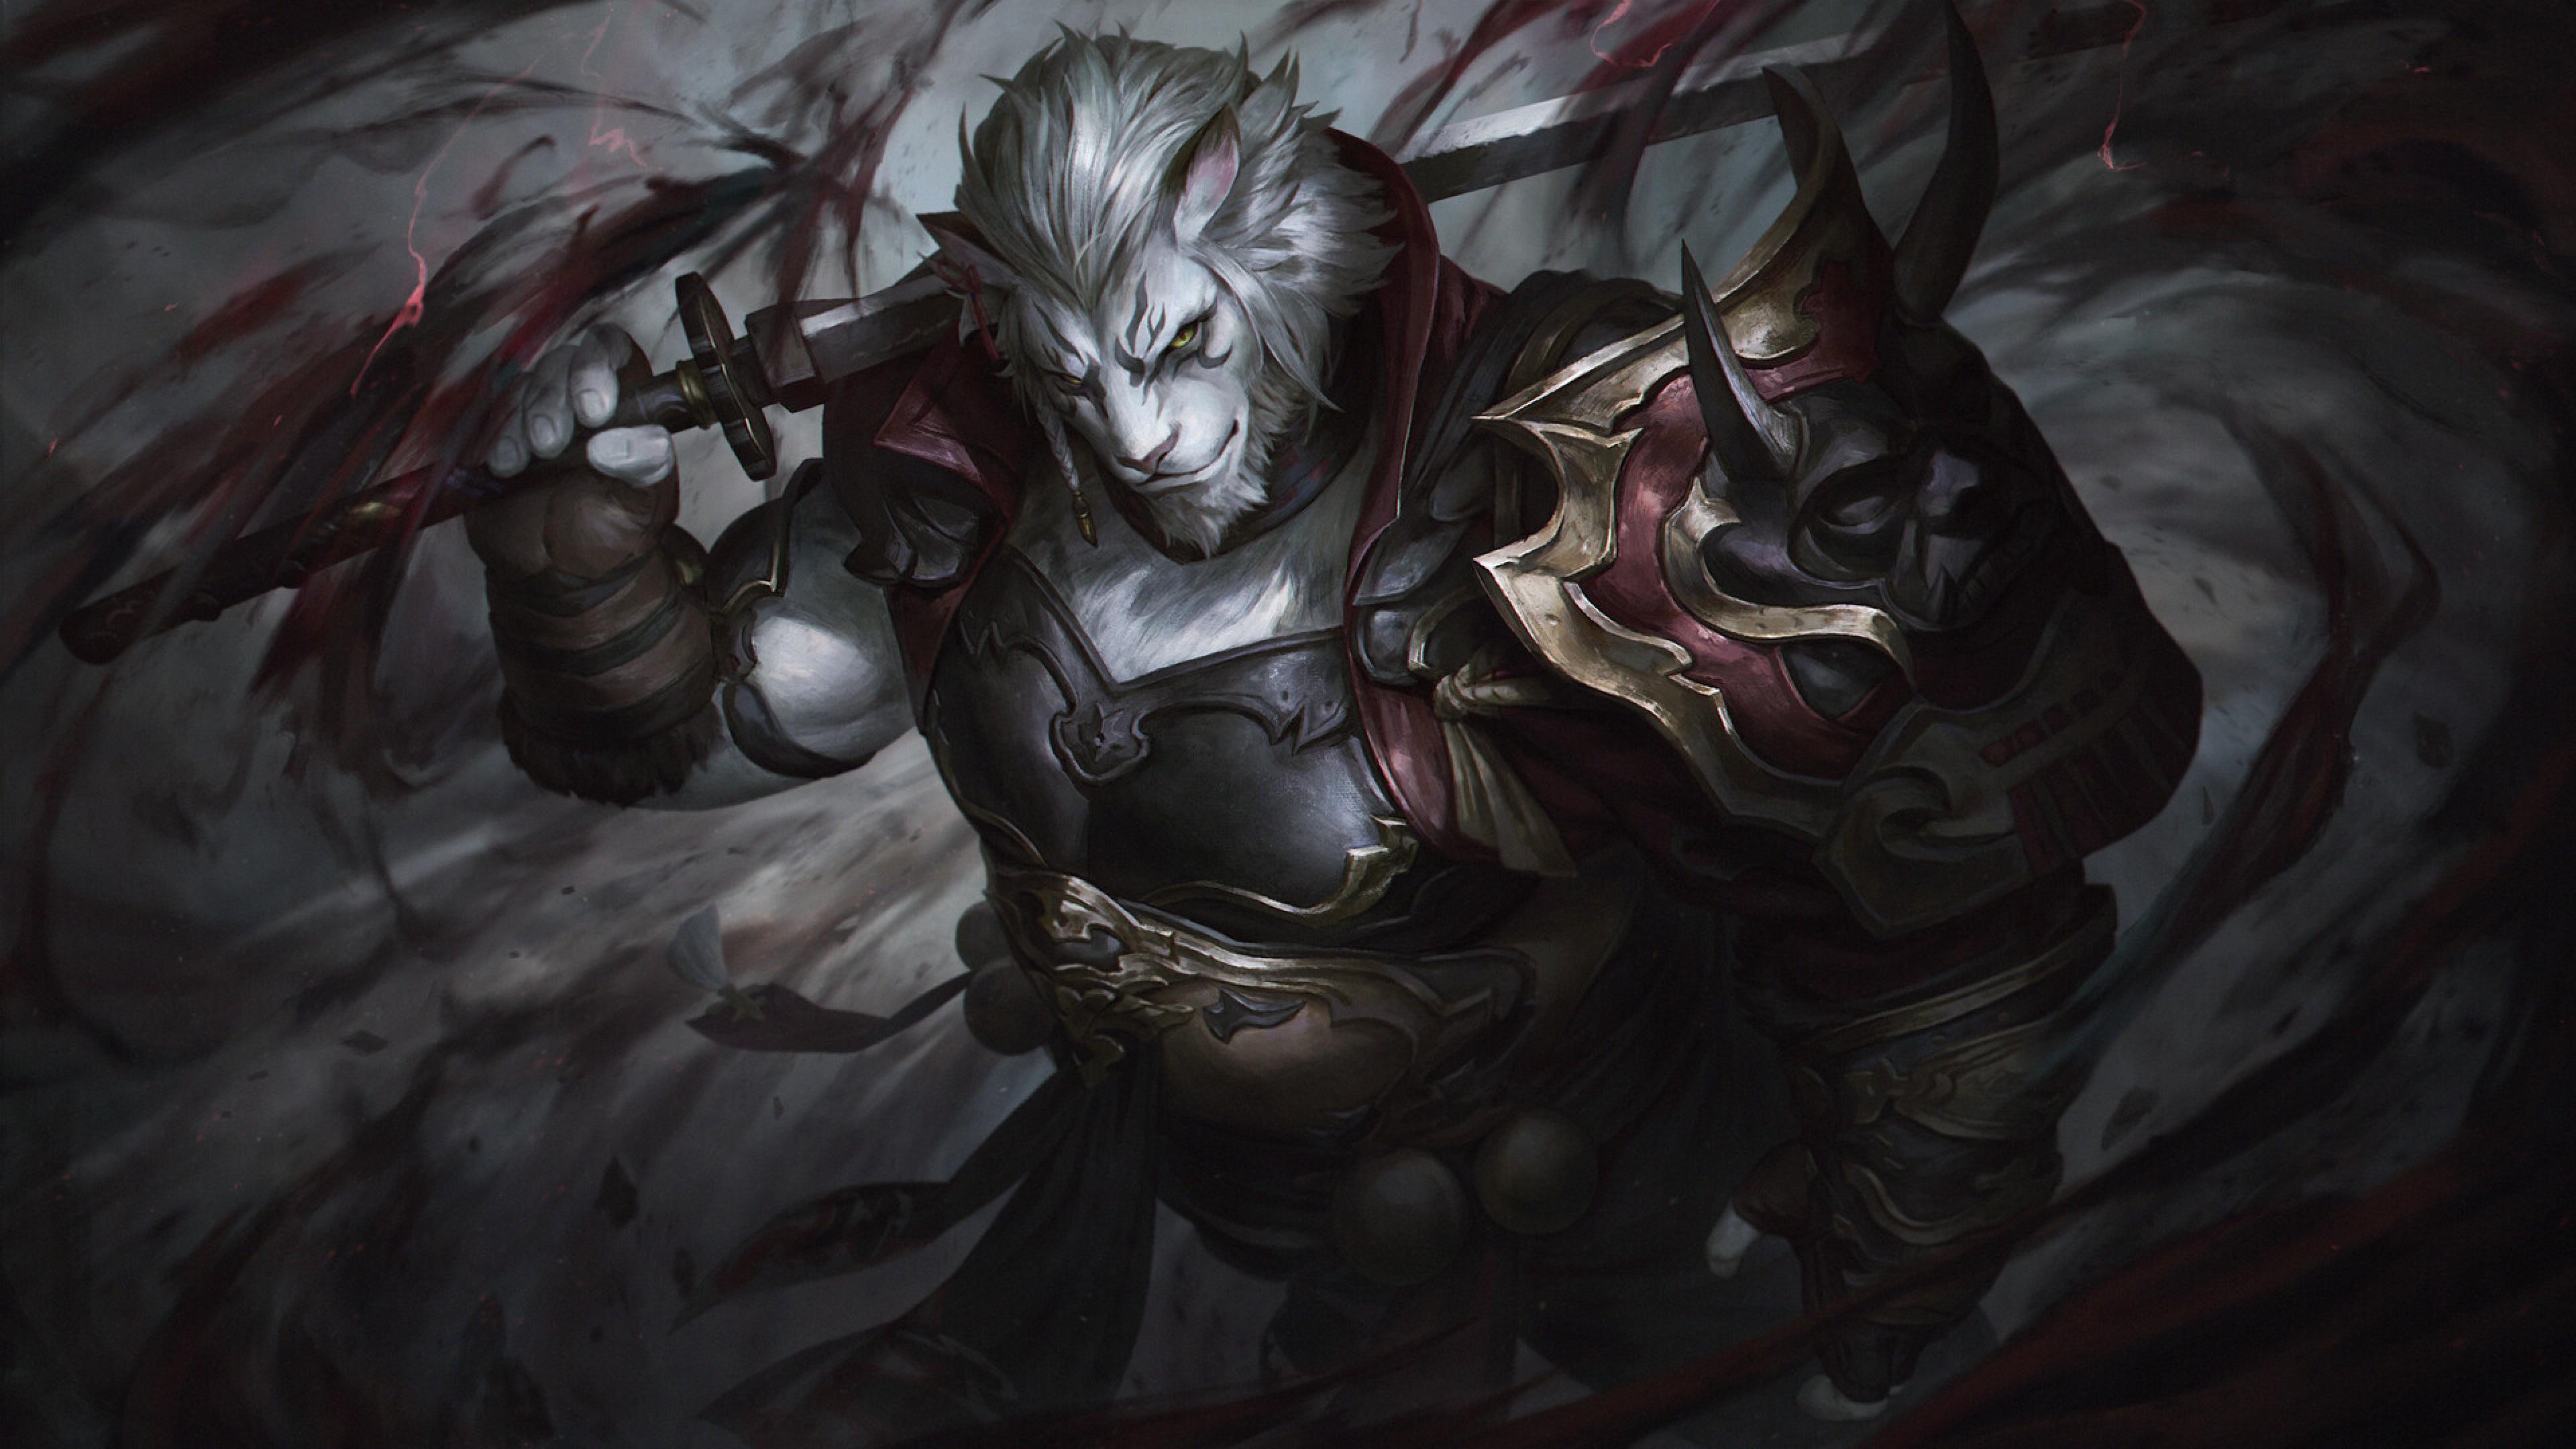 3840x2160 Dark Knight Final Fantasy Xiv 4k Wallpaper Hd Fantasy